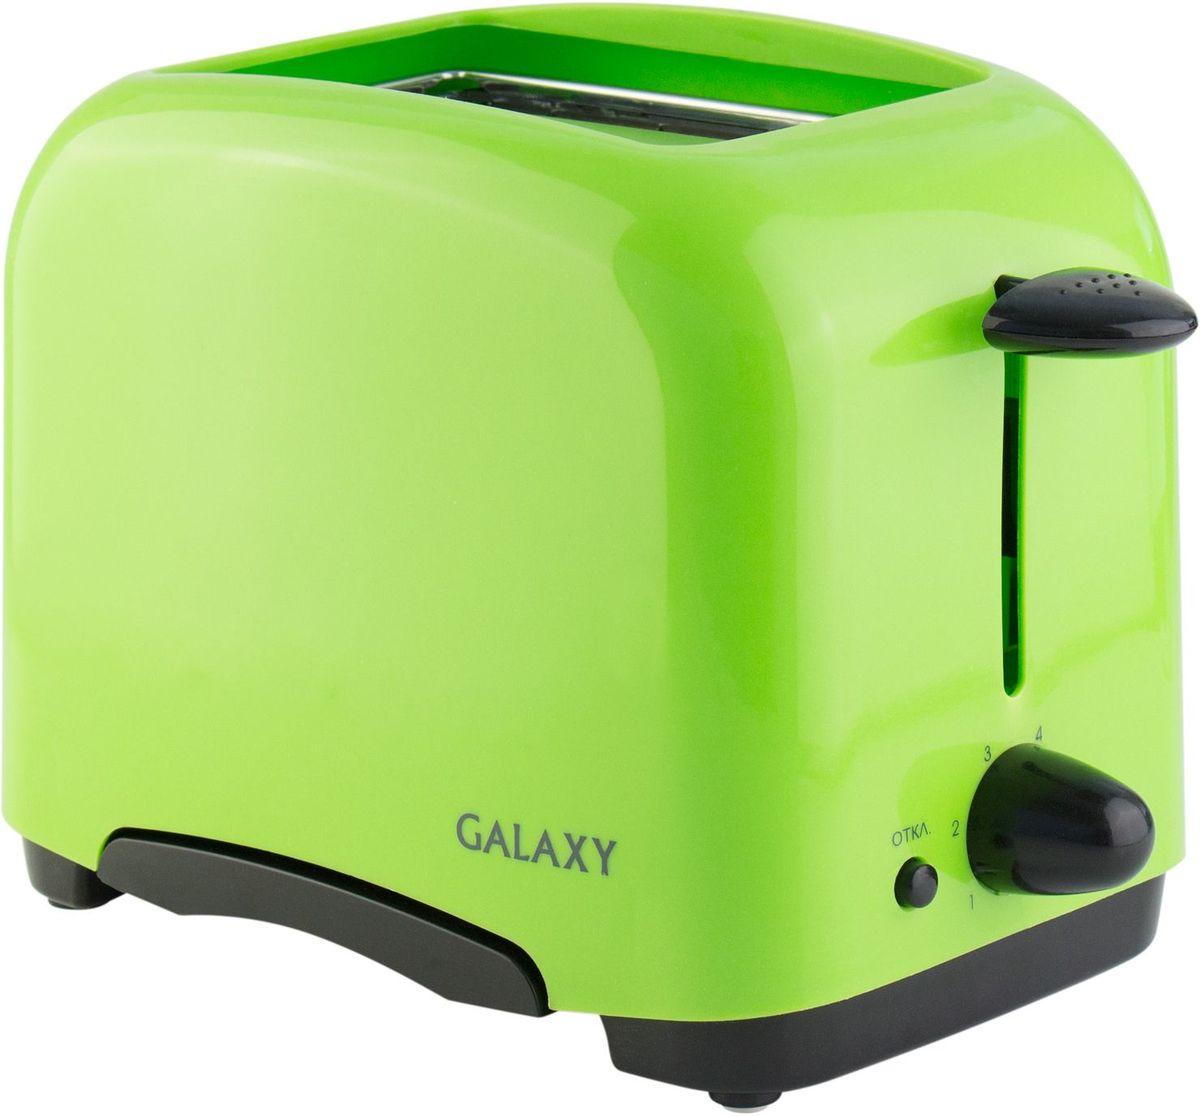 Galaxy GL 2903 тостер4650067300085Хрустящие и ароматные тосты – лучший завтрак. Компактный и надежный тостер Galaxy GL 2903 с функцией автоматического центрирования равномерно поджарит ломтики хлеба с обеих сторон и позволит готовить тосты именно так, как вам нравится.